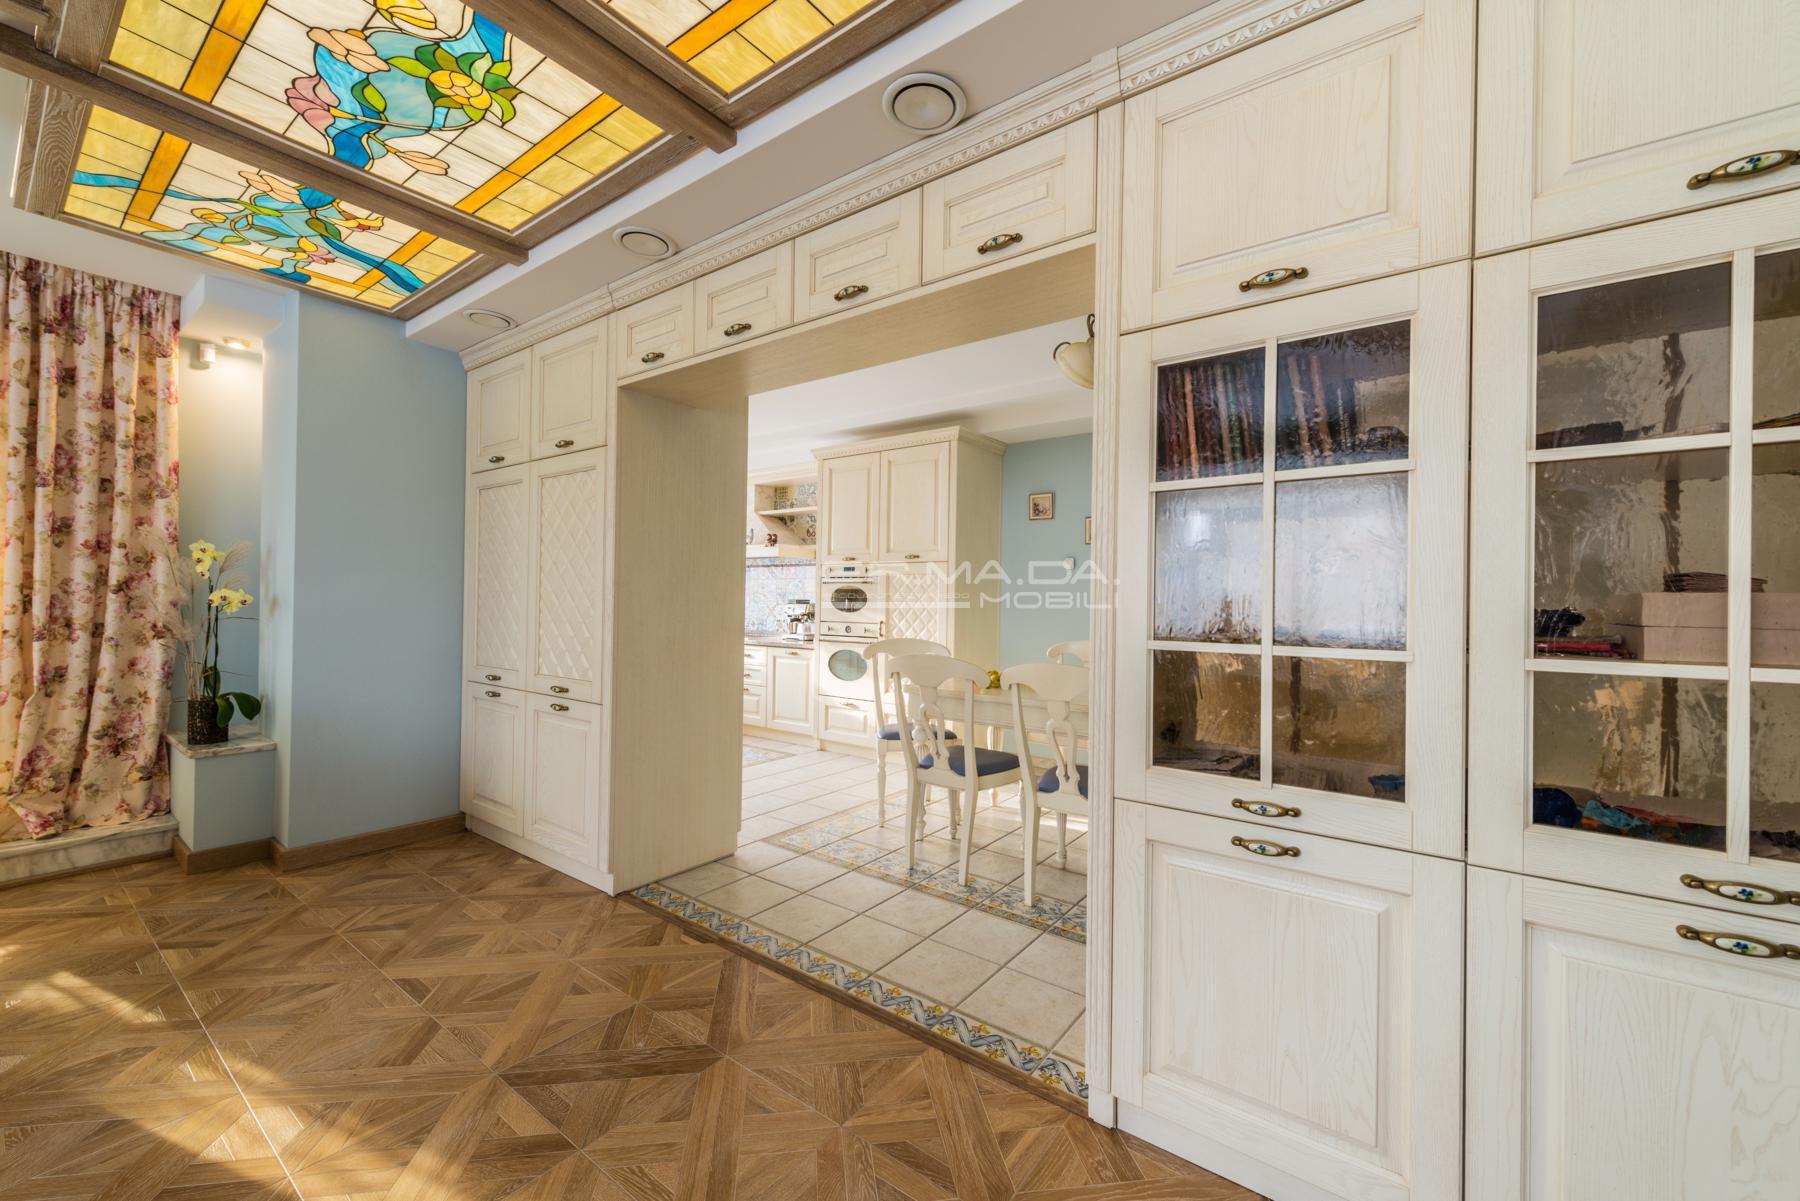 Cucina laccata spazzolato 13 er ma da mobilificio for Progetta i tuoi mobili